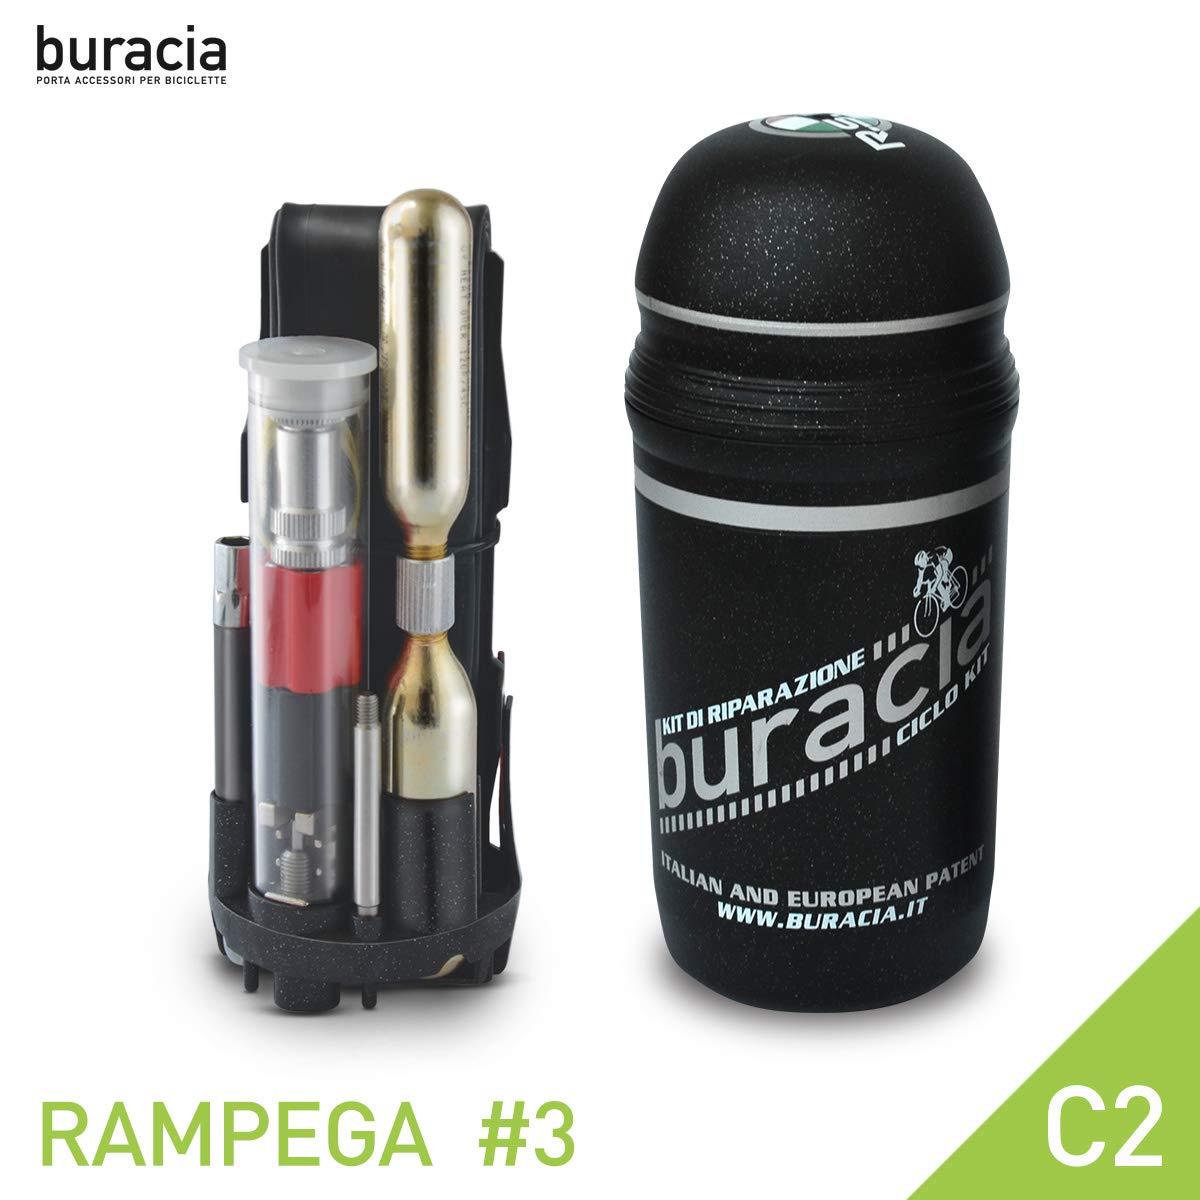 Kit antiforatura Riparazioni Biciclette buracia Made in Italy. MTB /& E-Bike Serie RAMPEGA Modello #3